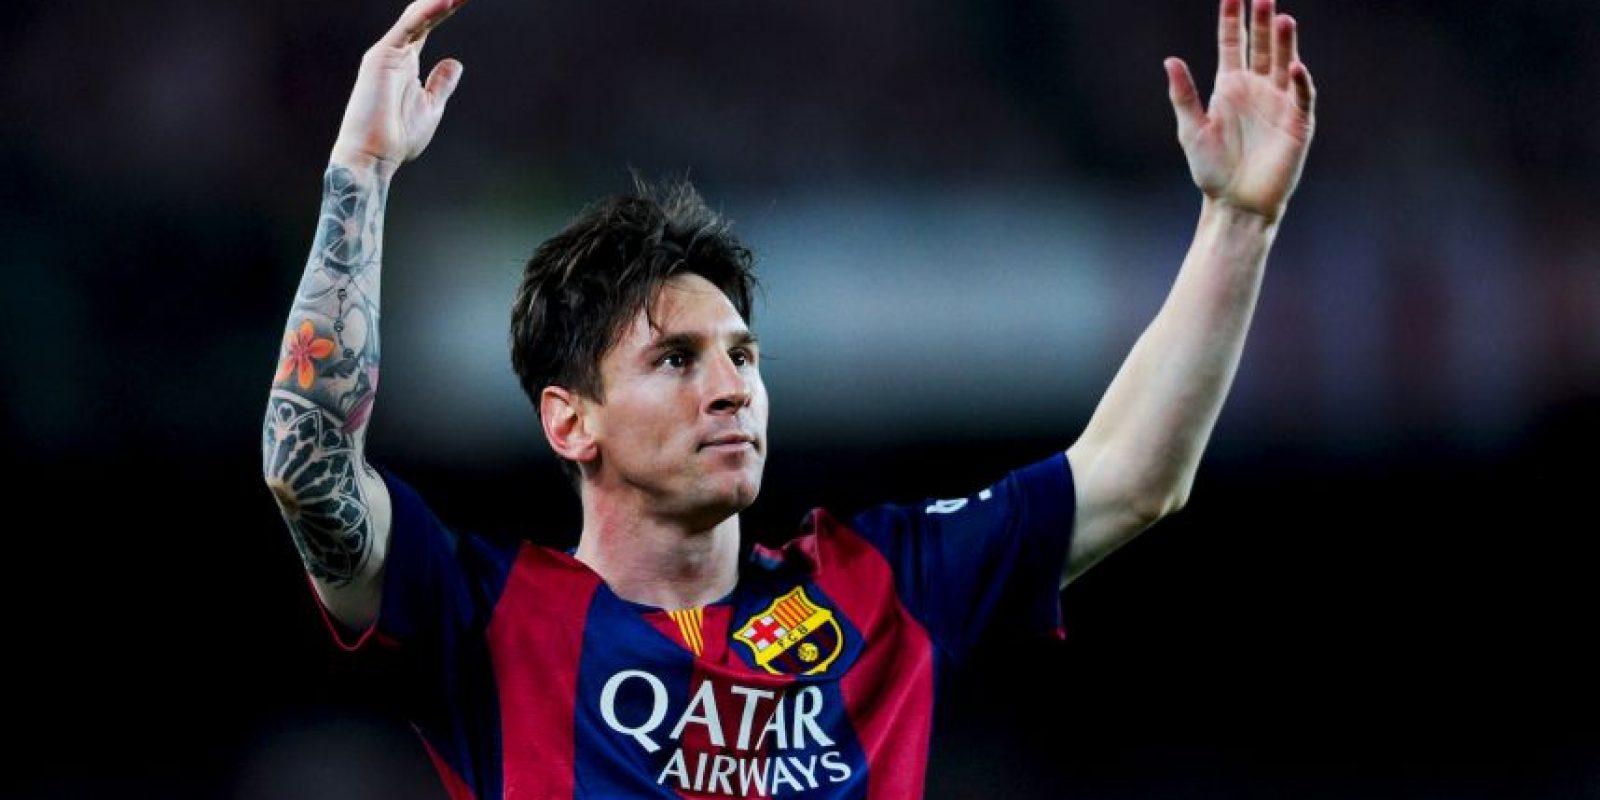 En la campaña 2014/2015, Lionel Messi anotó 58 goles en 57 partidos. Dio 27 asistencias. Foto:Getty Images